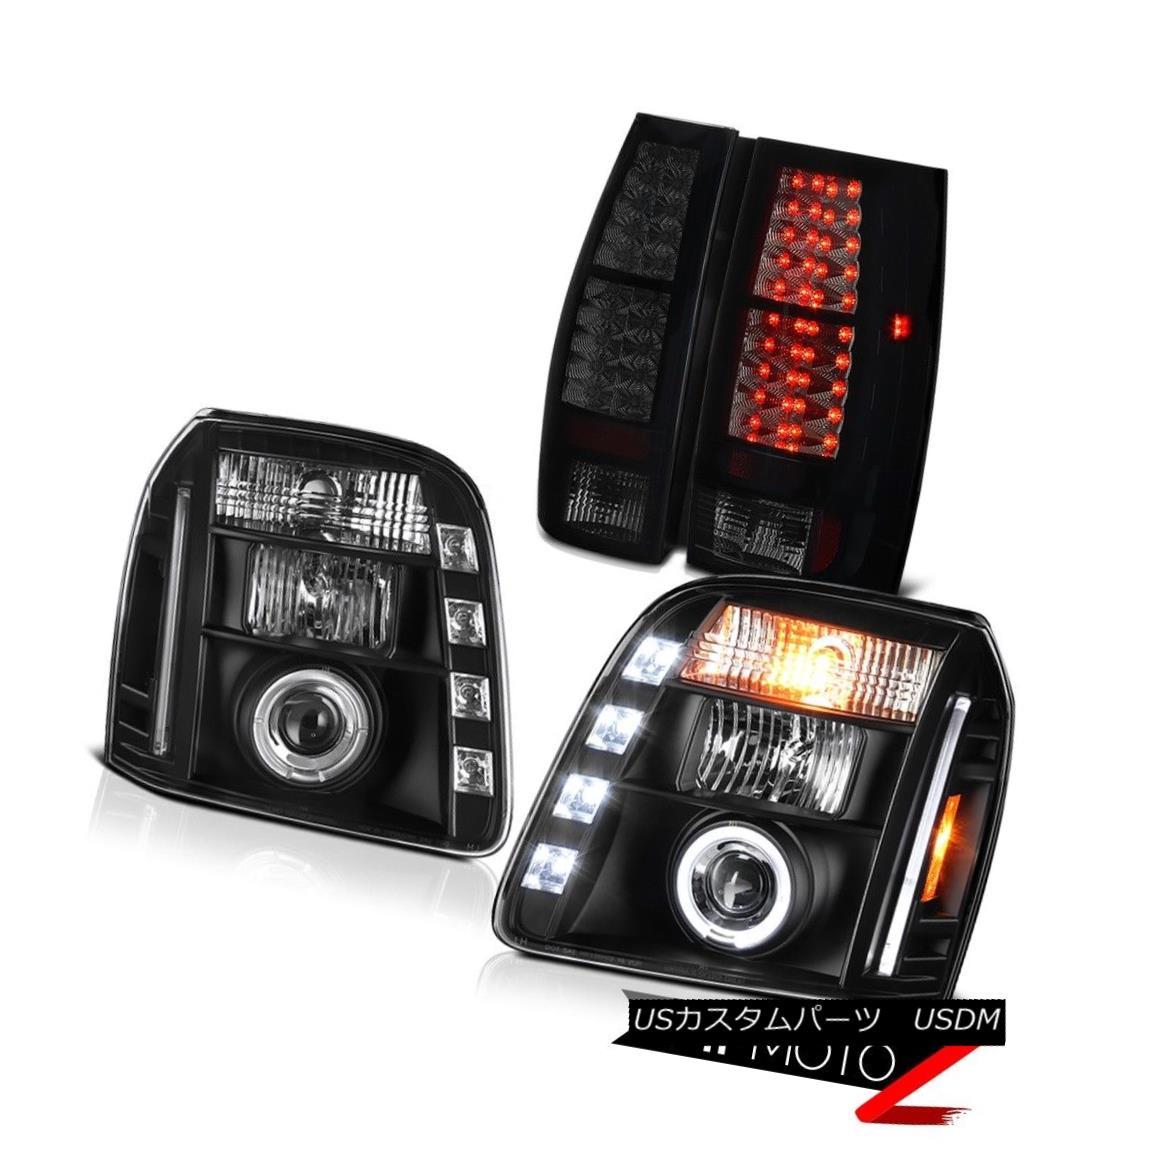 テールライト 07-14 GMC Yukon XL Denali Dark Tinted Tail Brake Lamps Black Headlamps Halo Rim 07-14 GMCユーコンXLデナリダークテールテールブレーキランプブラックヘッドランプハローリム